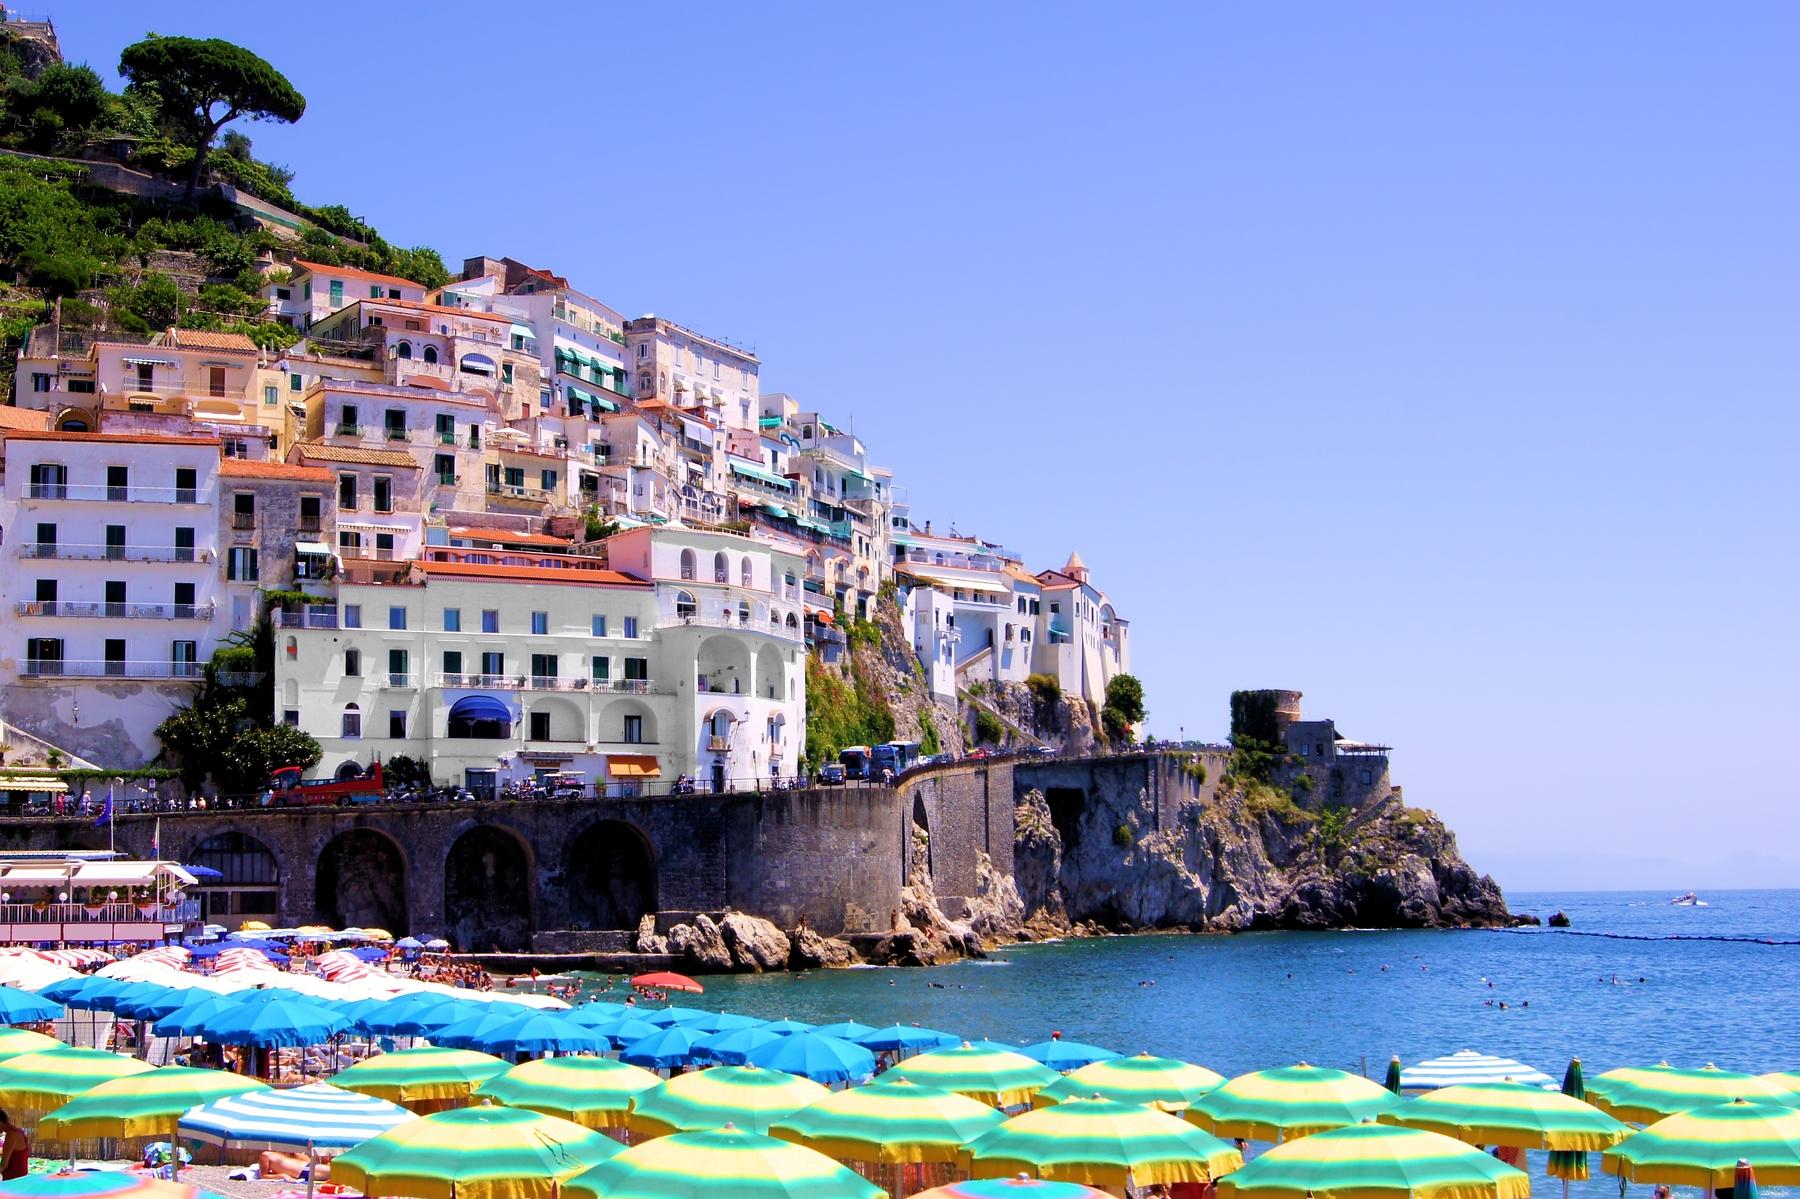 Città sul mare in Italia - Amalfi